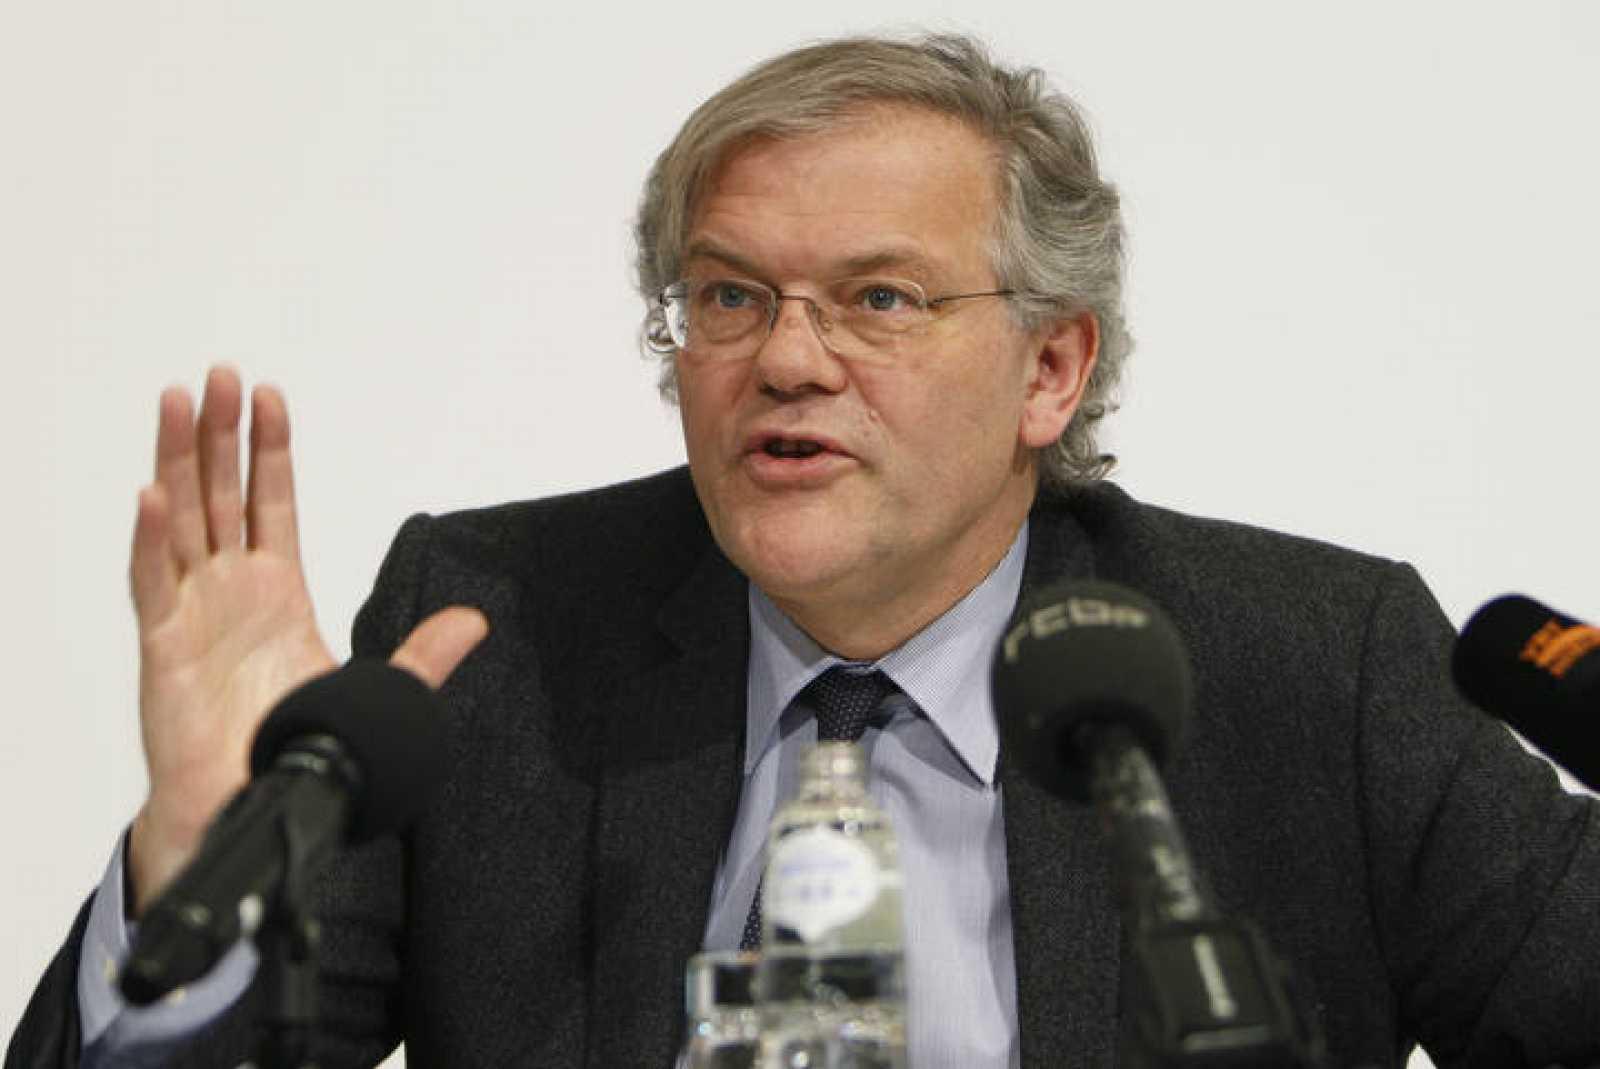 El ministro de justicia, Stefaan De Clerck